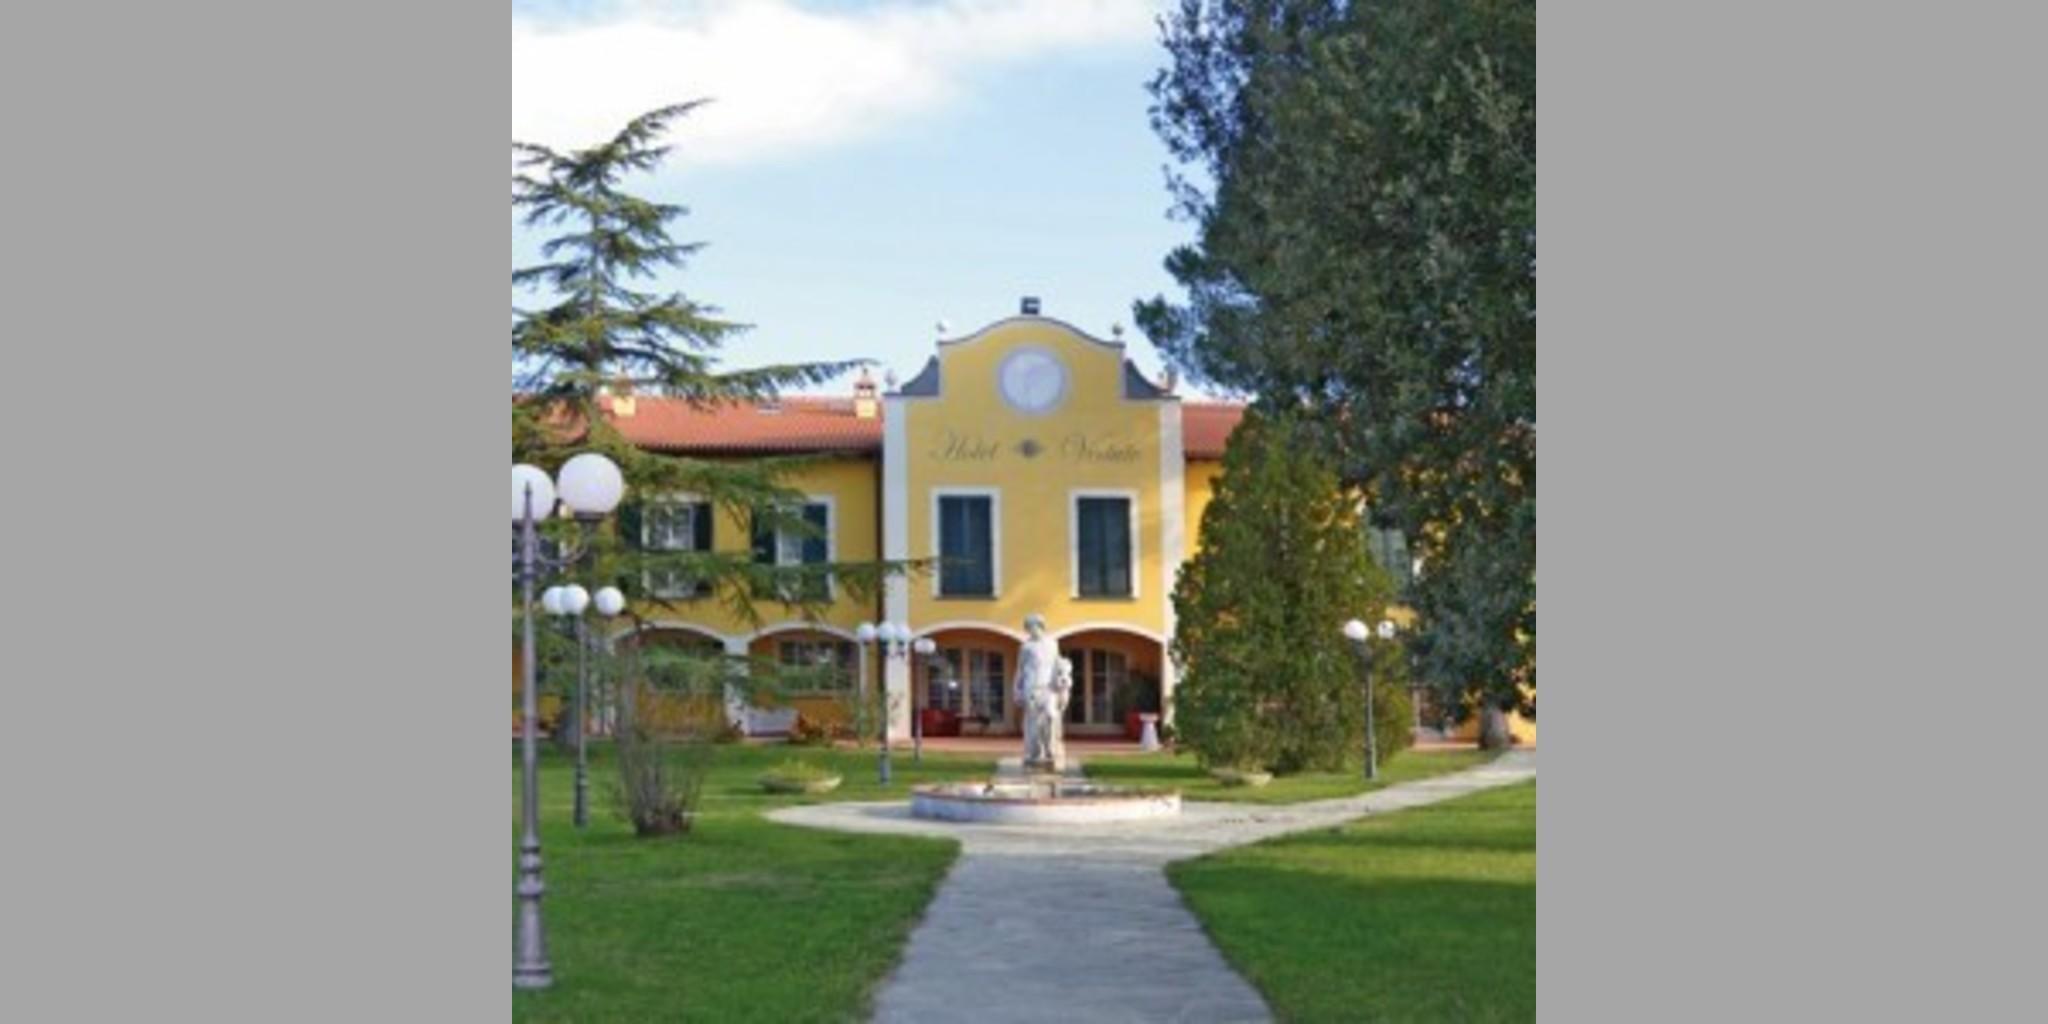 Hotel Fucecchio - Fucecchio